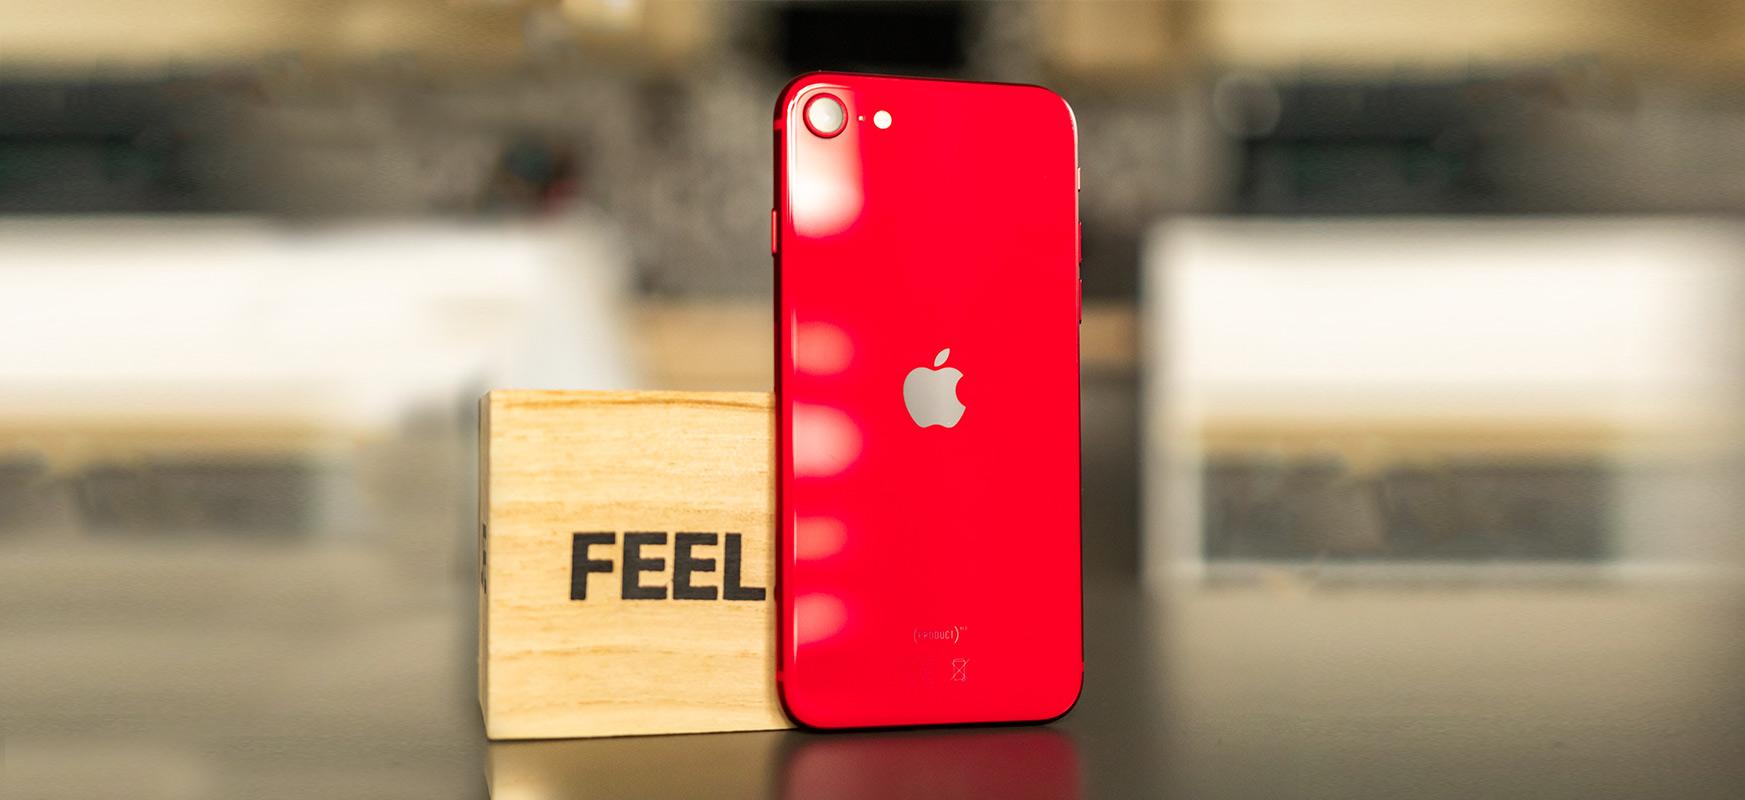 IPhone SE kamera nola alderatzen du beste iPhonerekin?  Egiaztatu dugu